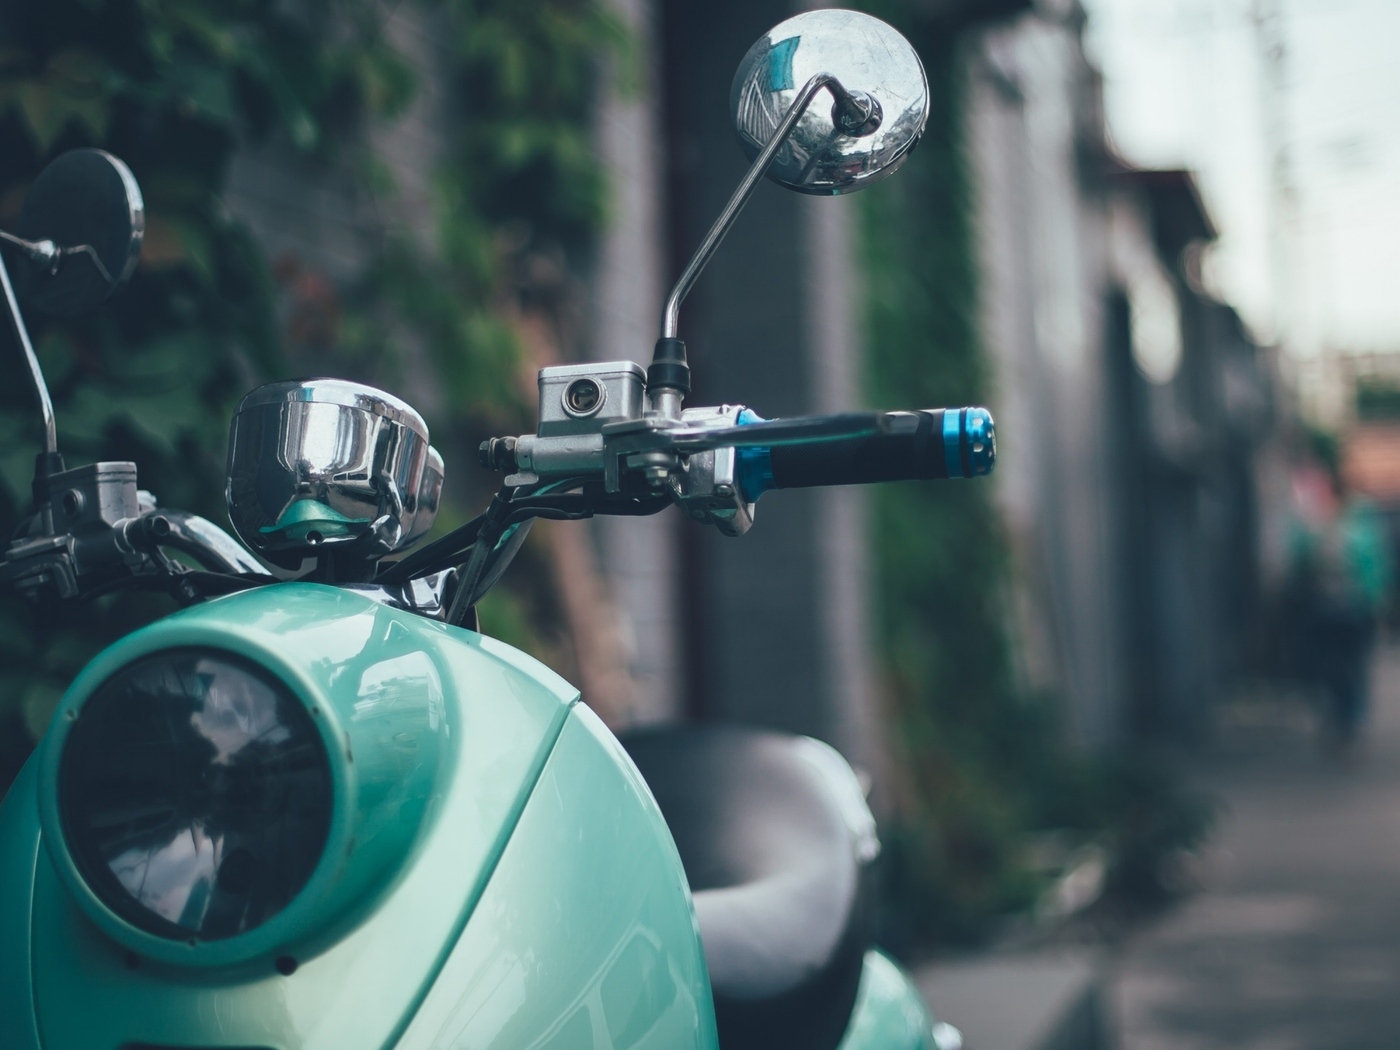 vespa-scooter-vintage.jpg